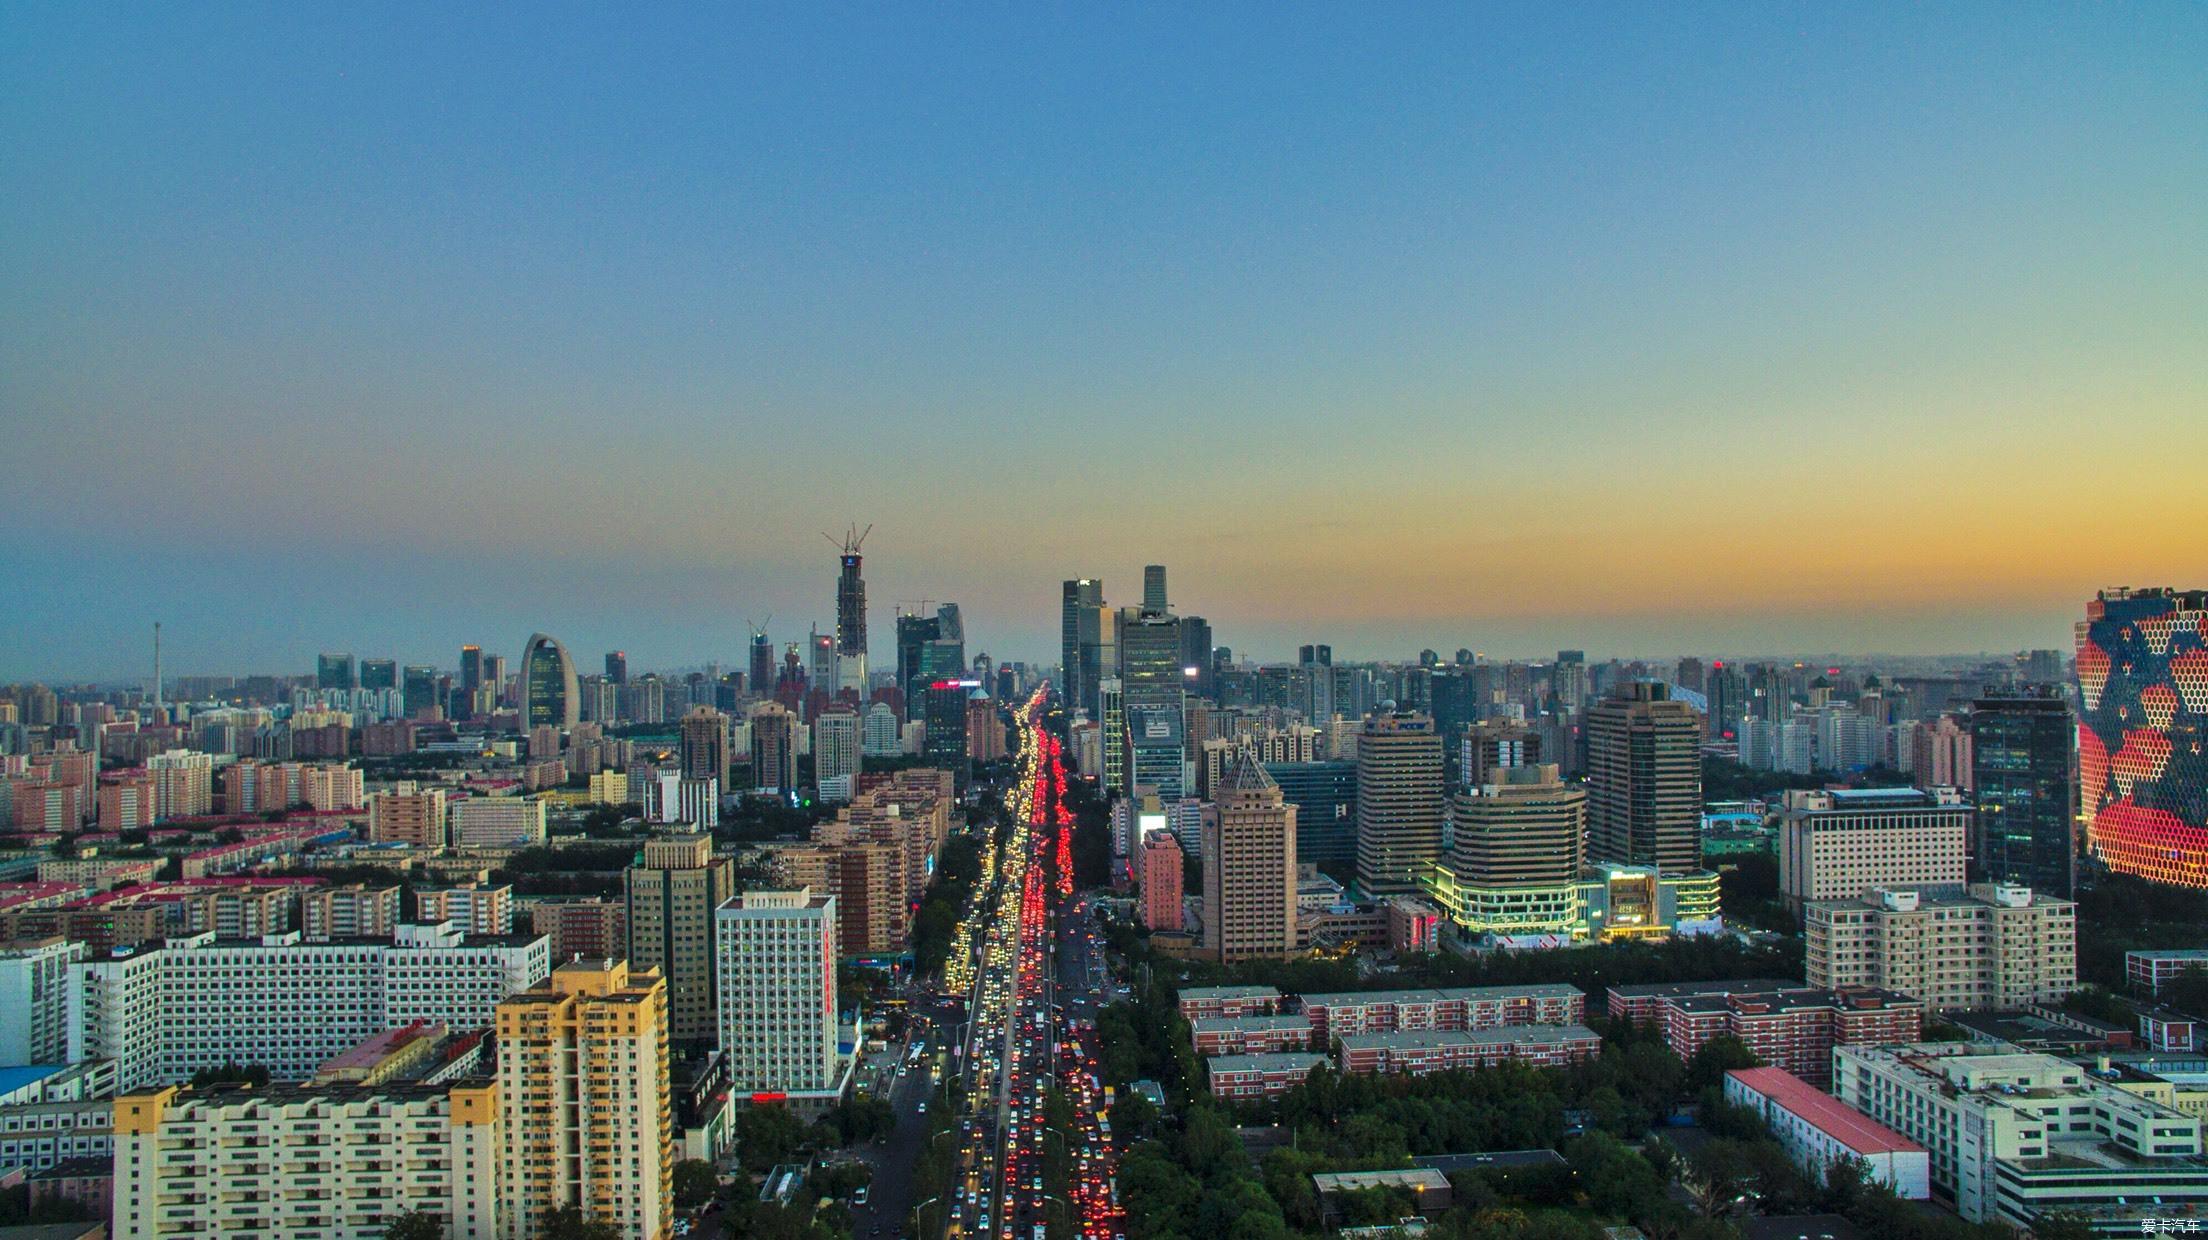 请把顺手机左右度过去_北边京汽车论坛_XCAR 酷爱卡汽